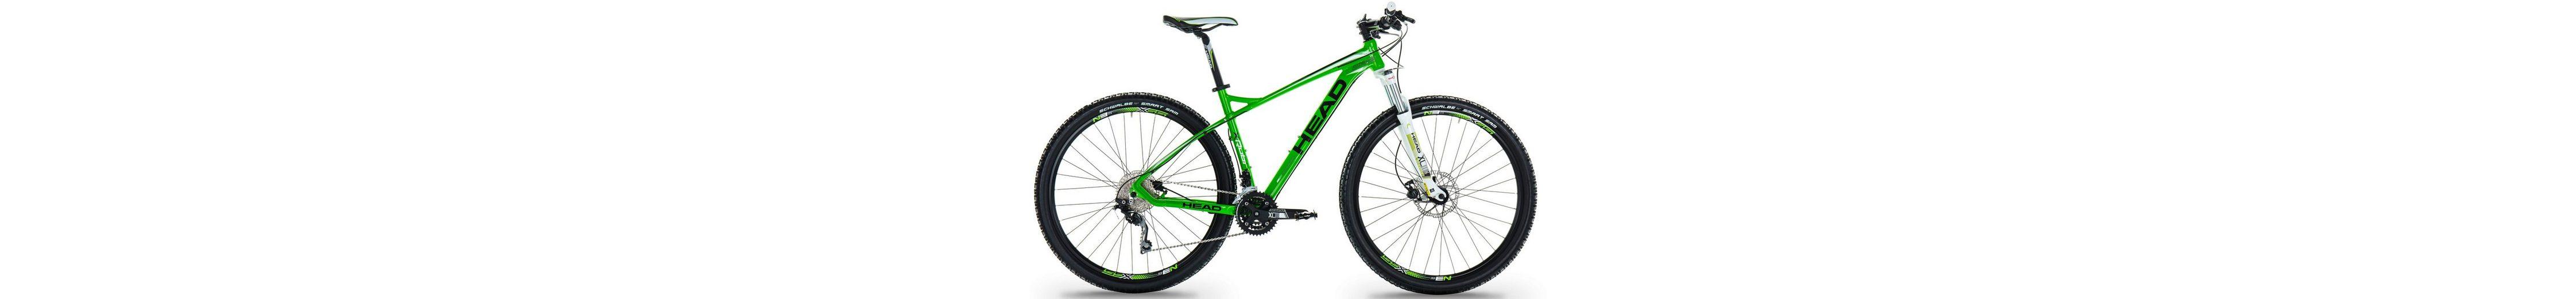 Head Hardtail Mountainbike, 27,5 Zoll, 30 Gang Shimano-Deore Kettenschaltung, »X-Rubi II«